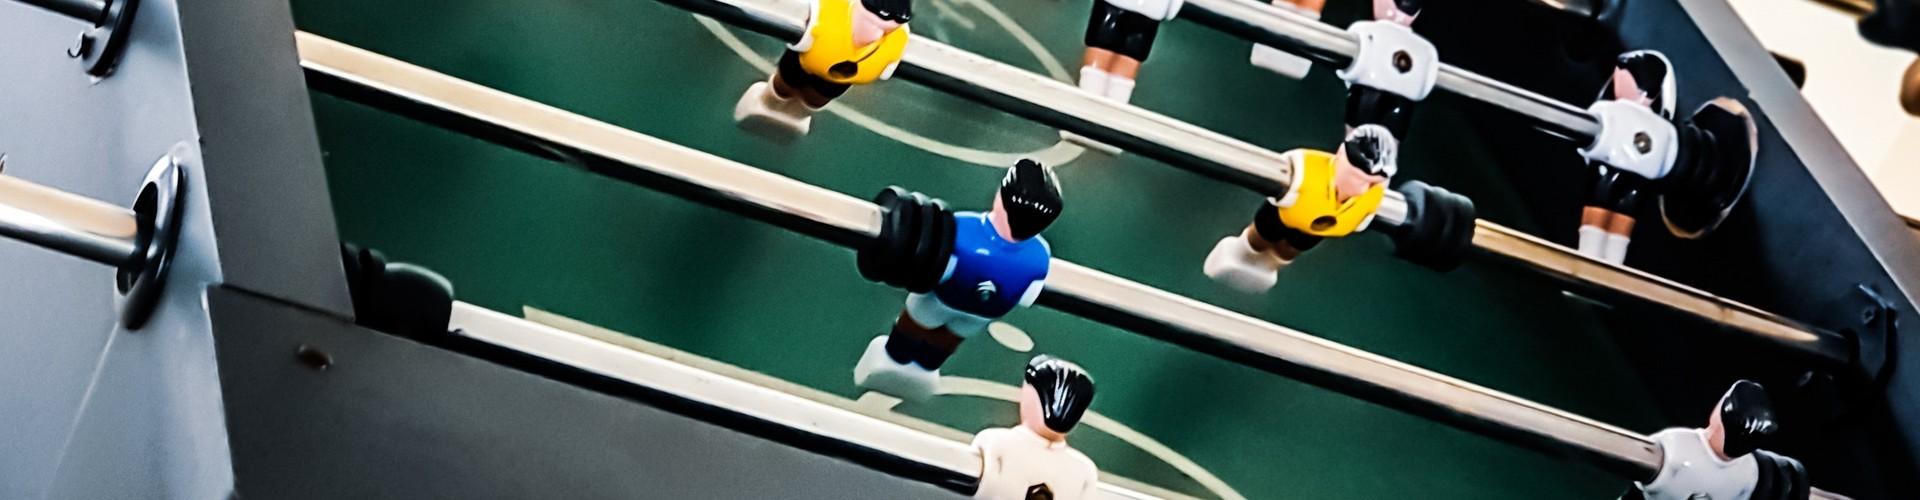 Hoe kies je een voetbaltafel naar wens uit